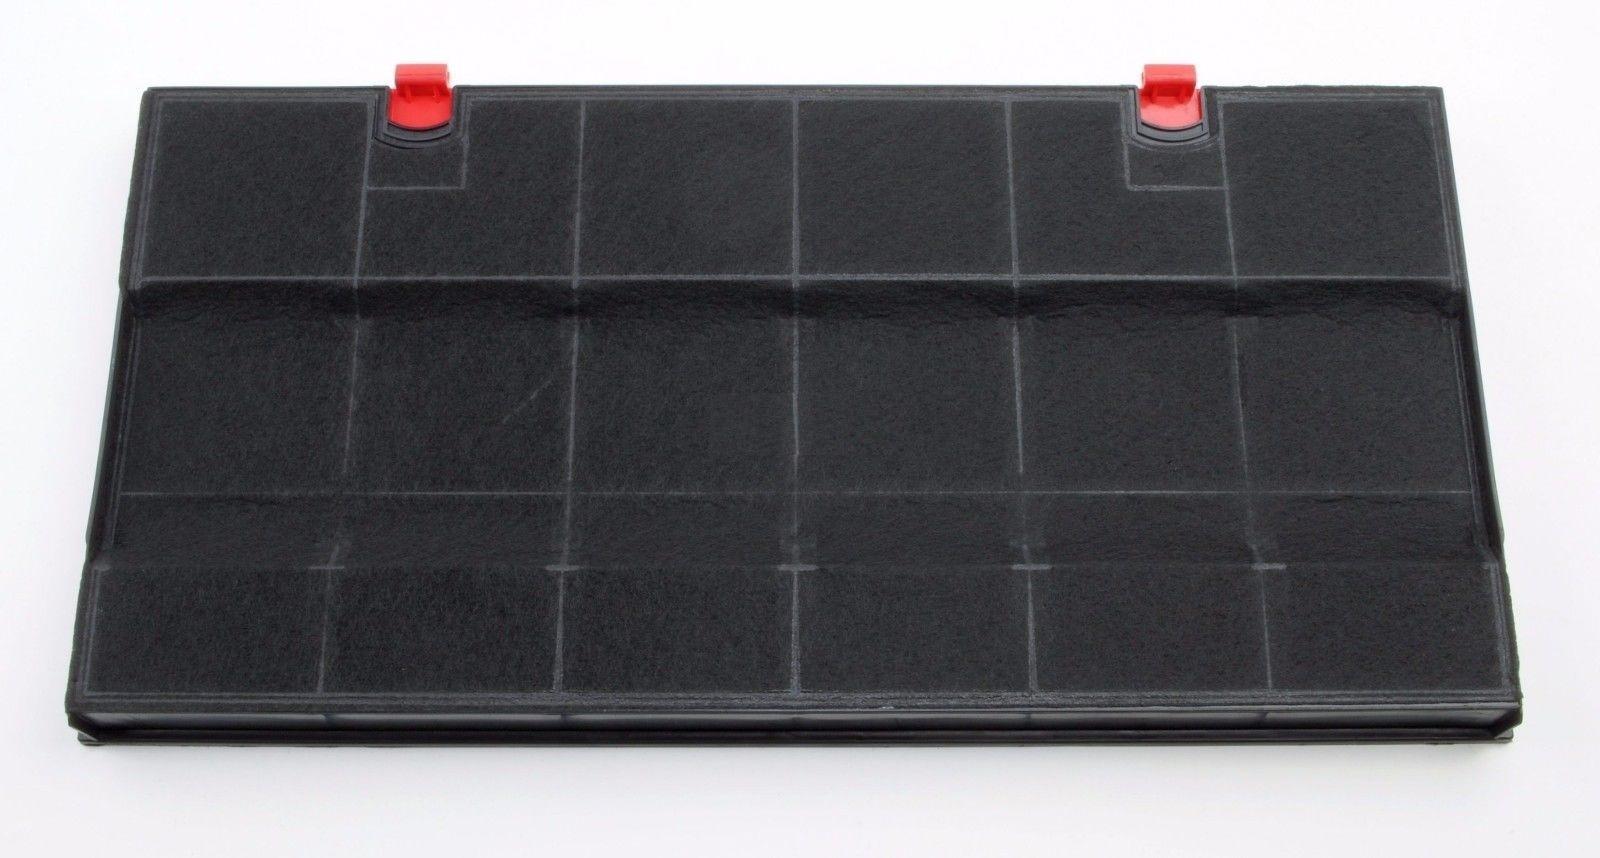 Dunstabzugshaube Kohlefilter Einbauen : Dunstabzug kohlefilter wechseln kohlefilter dunstabzugshaube